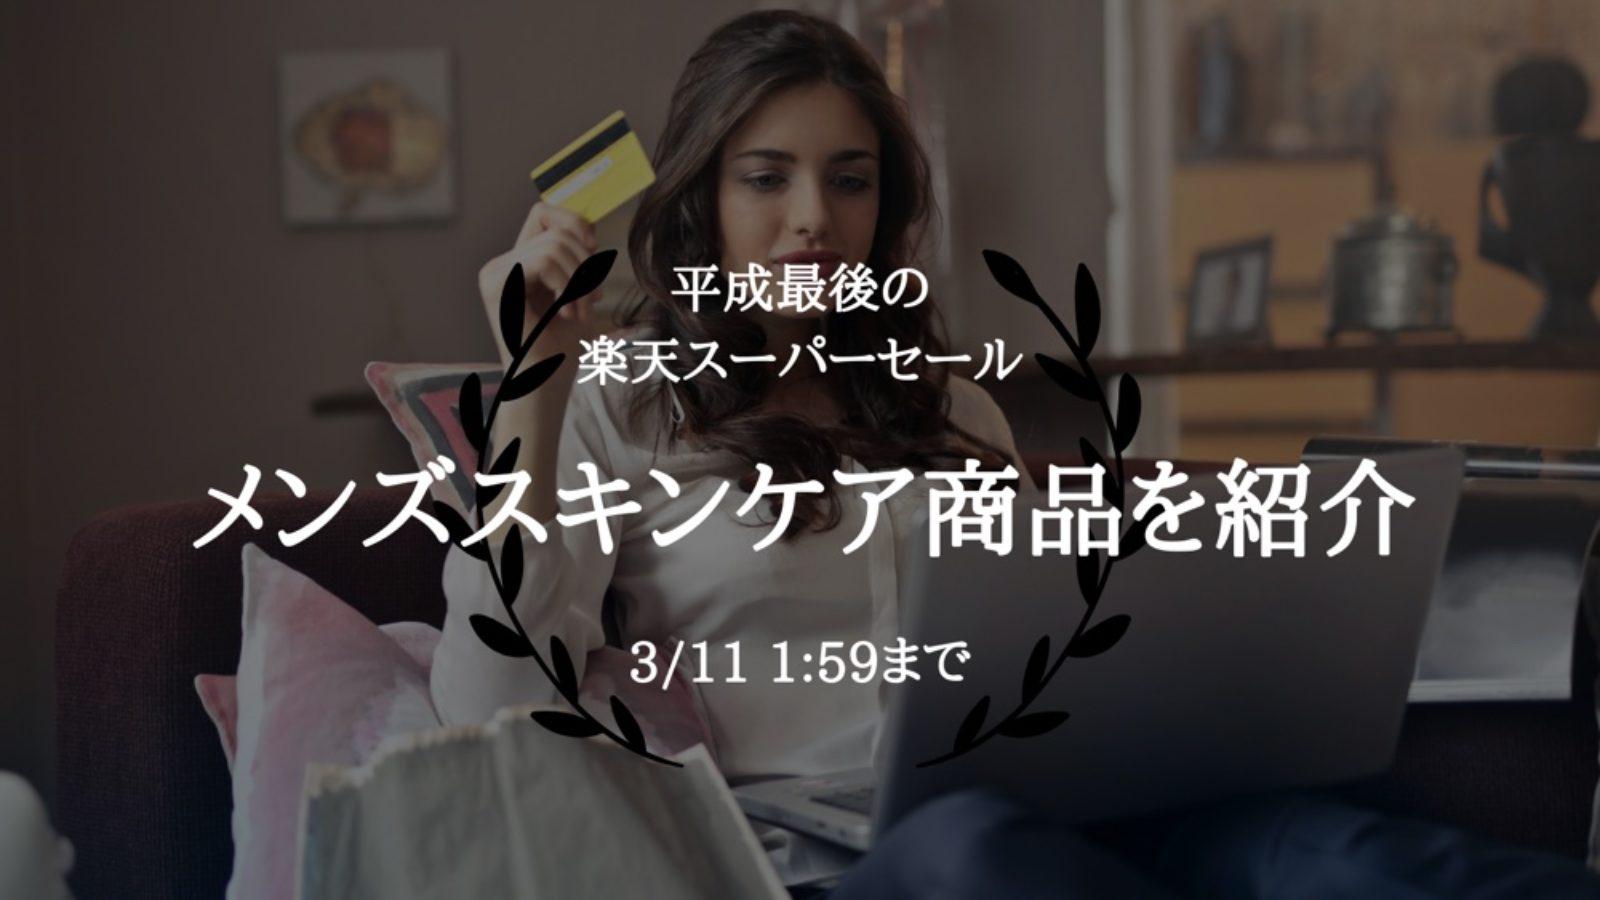 【3/11まで!平成最後の楽天スーパーセール】メンズスキンケアのおすすめ商品を紹介!